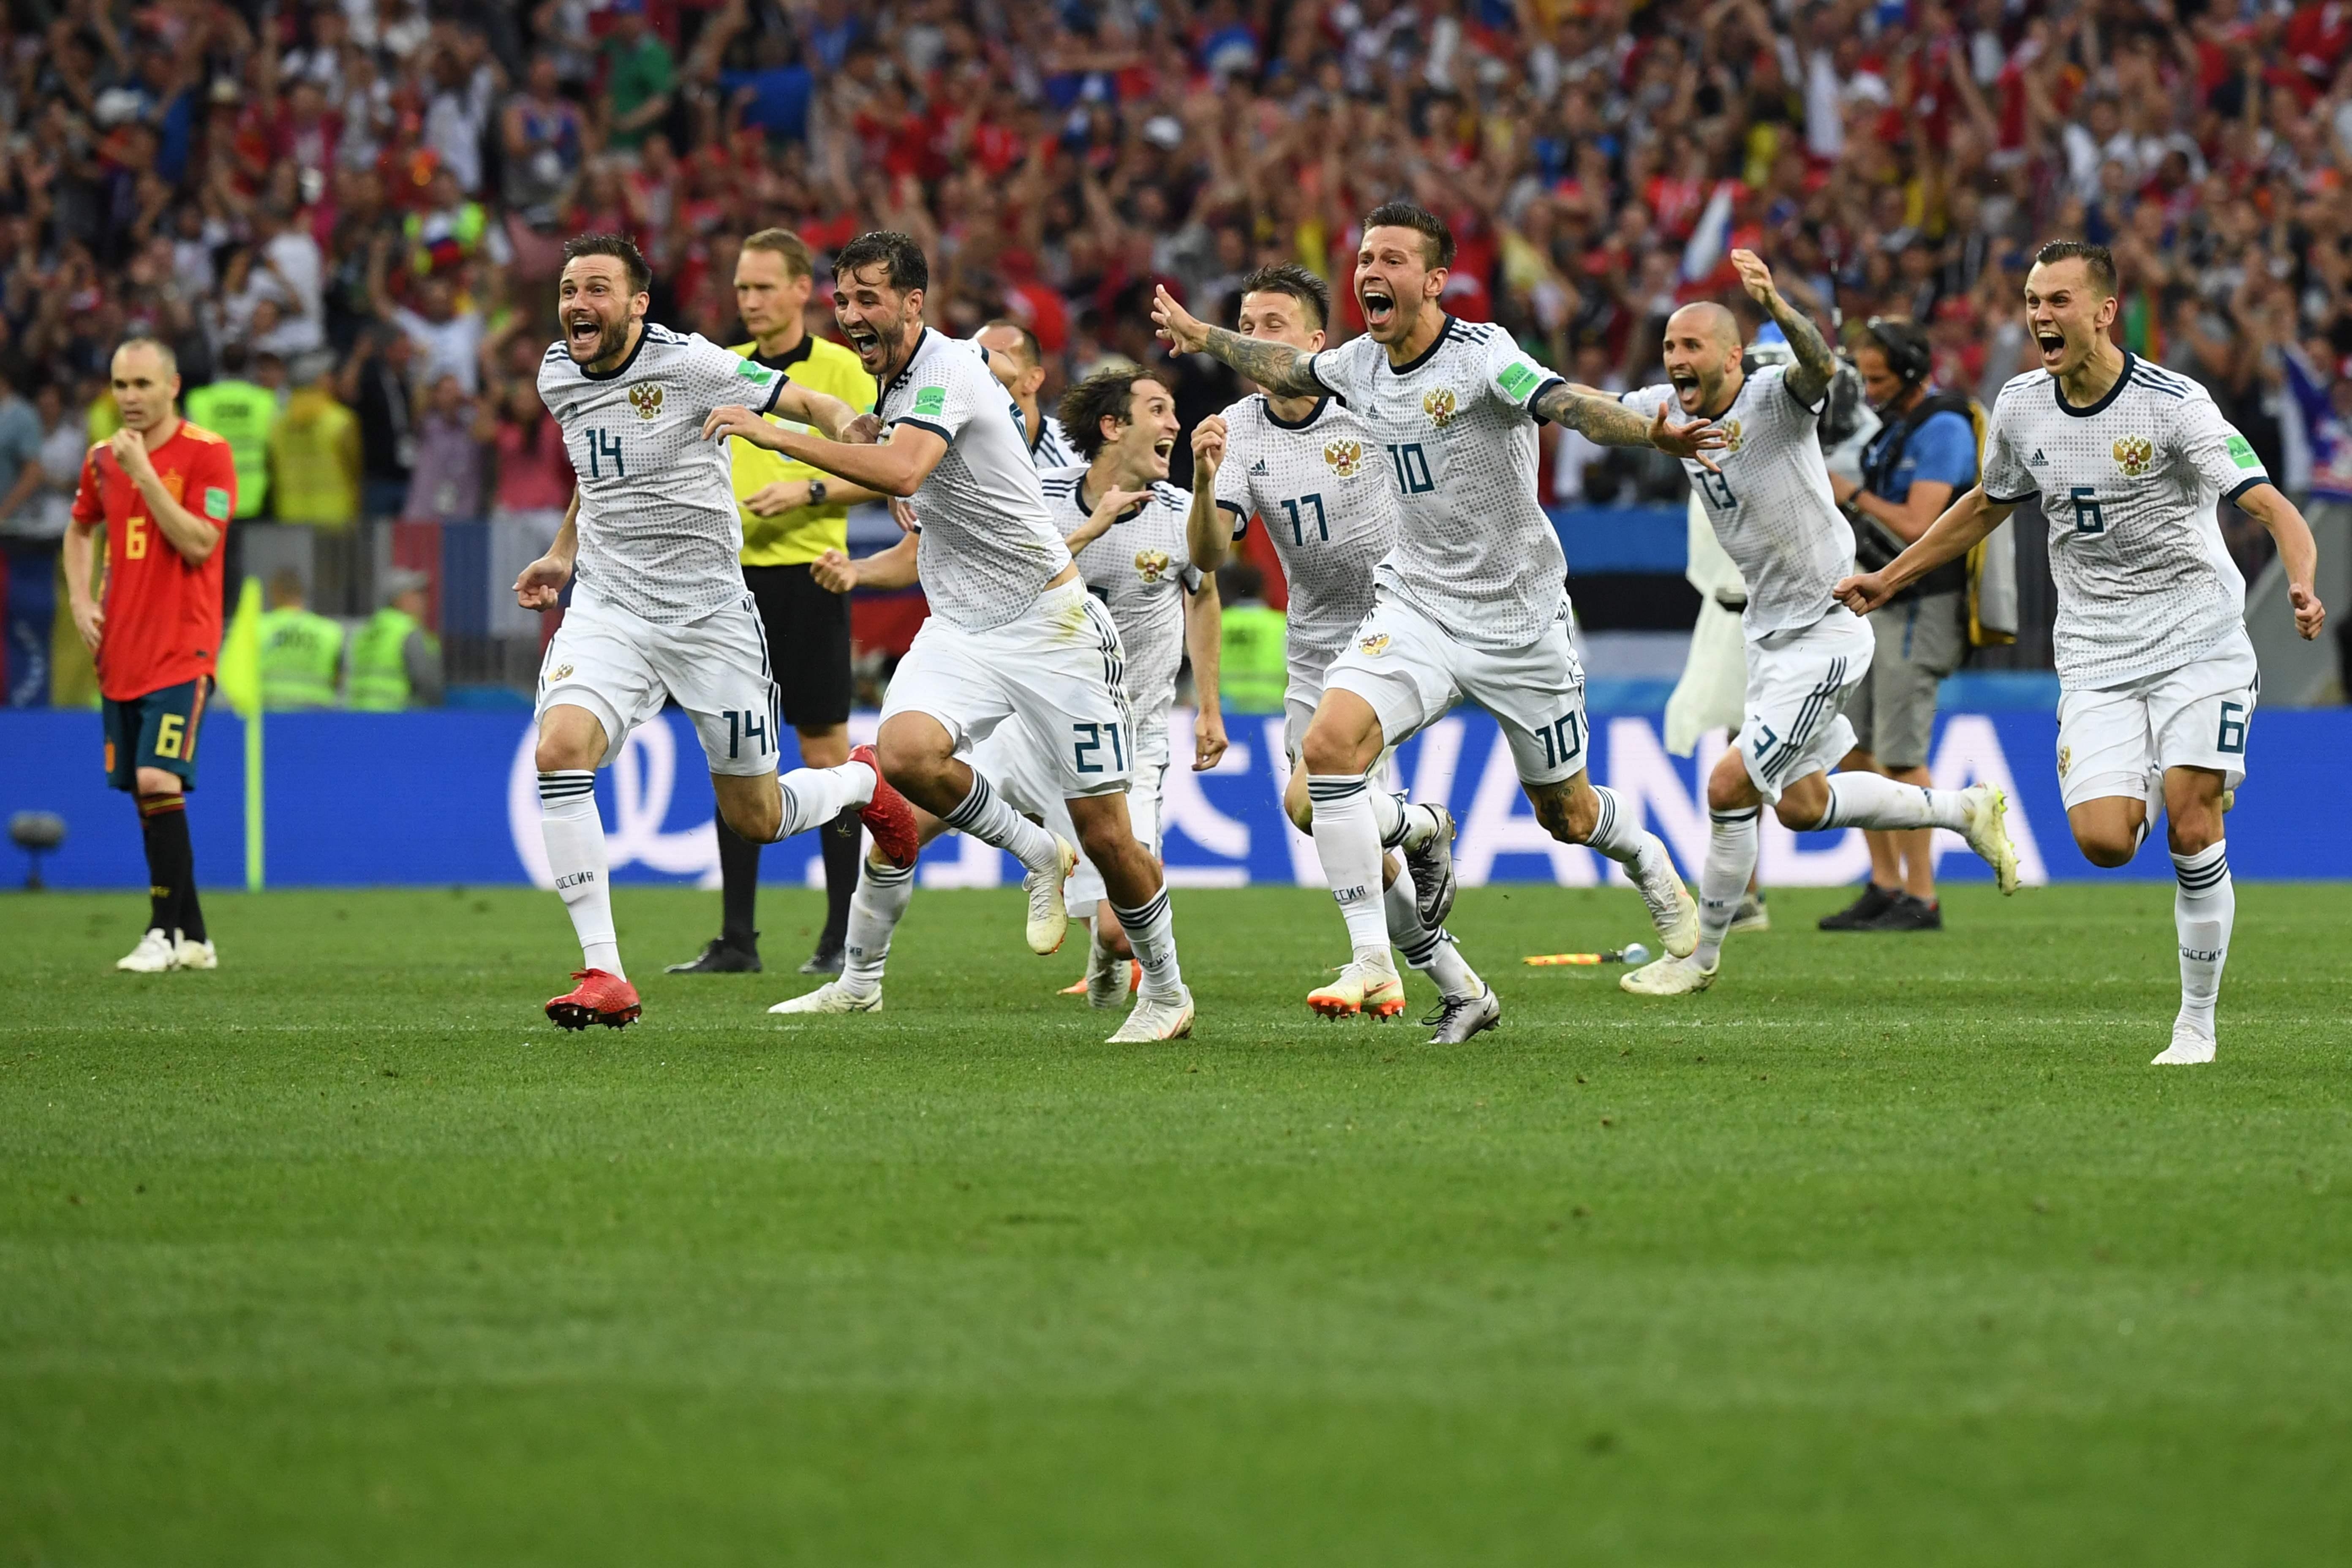 Россия испания молодежный футбол